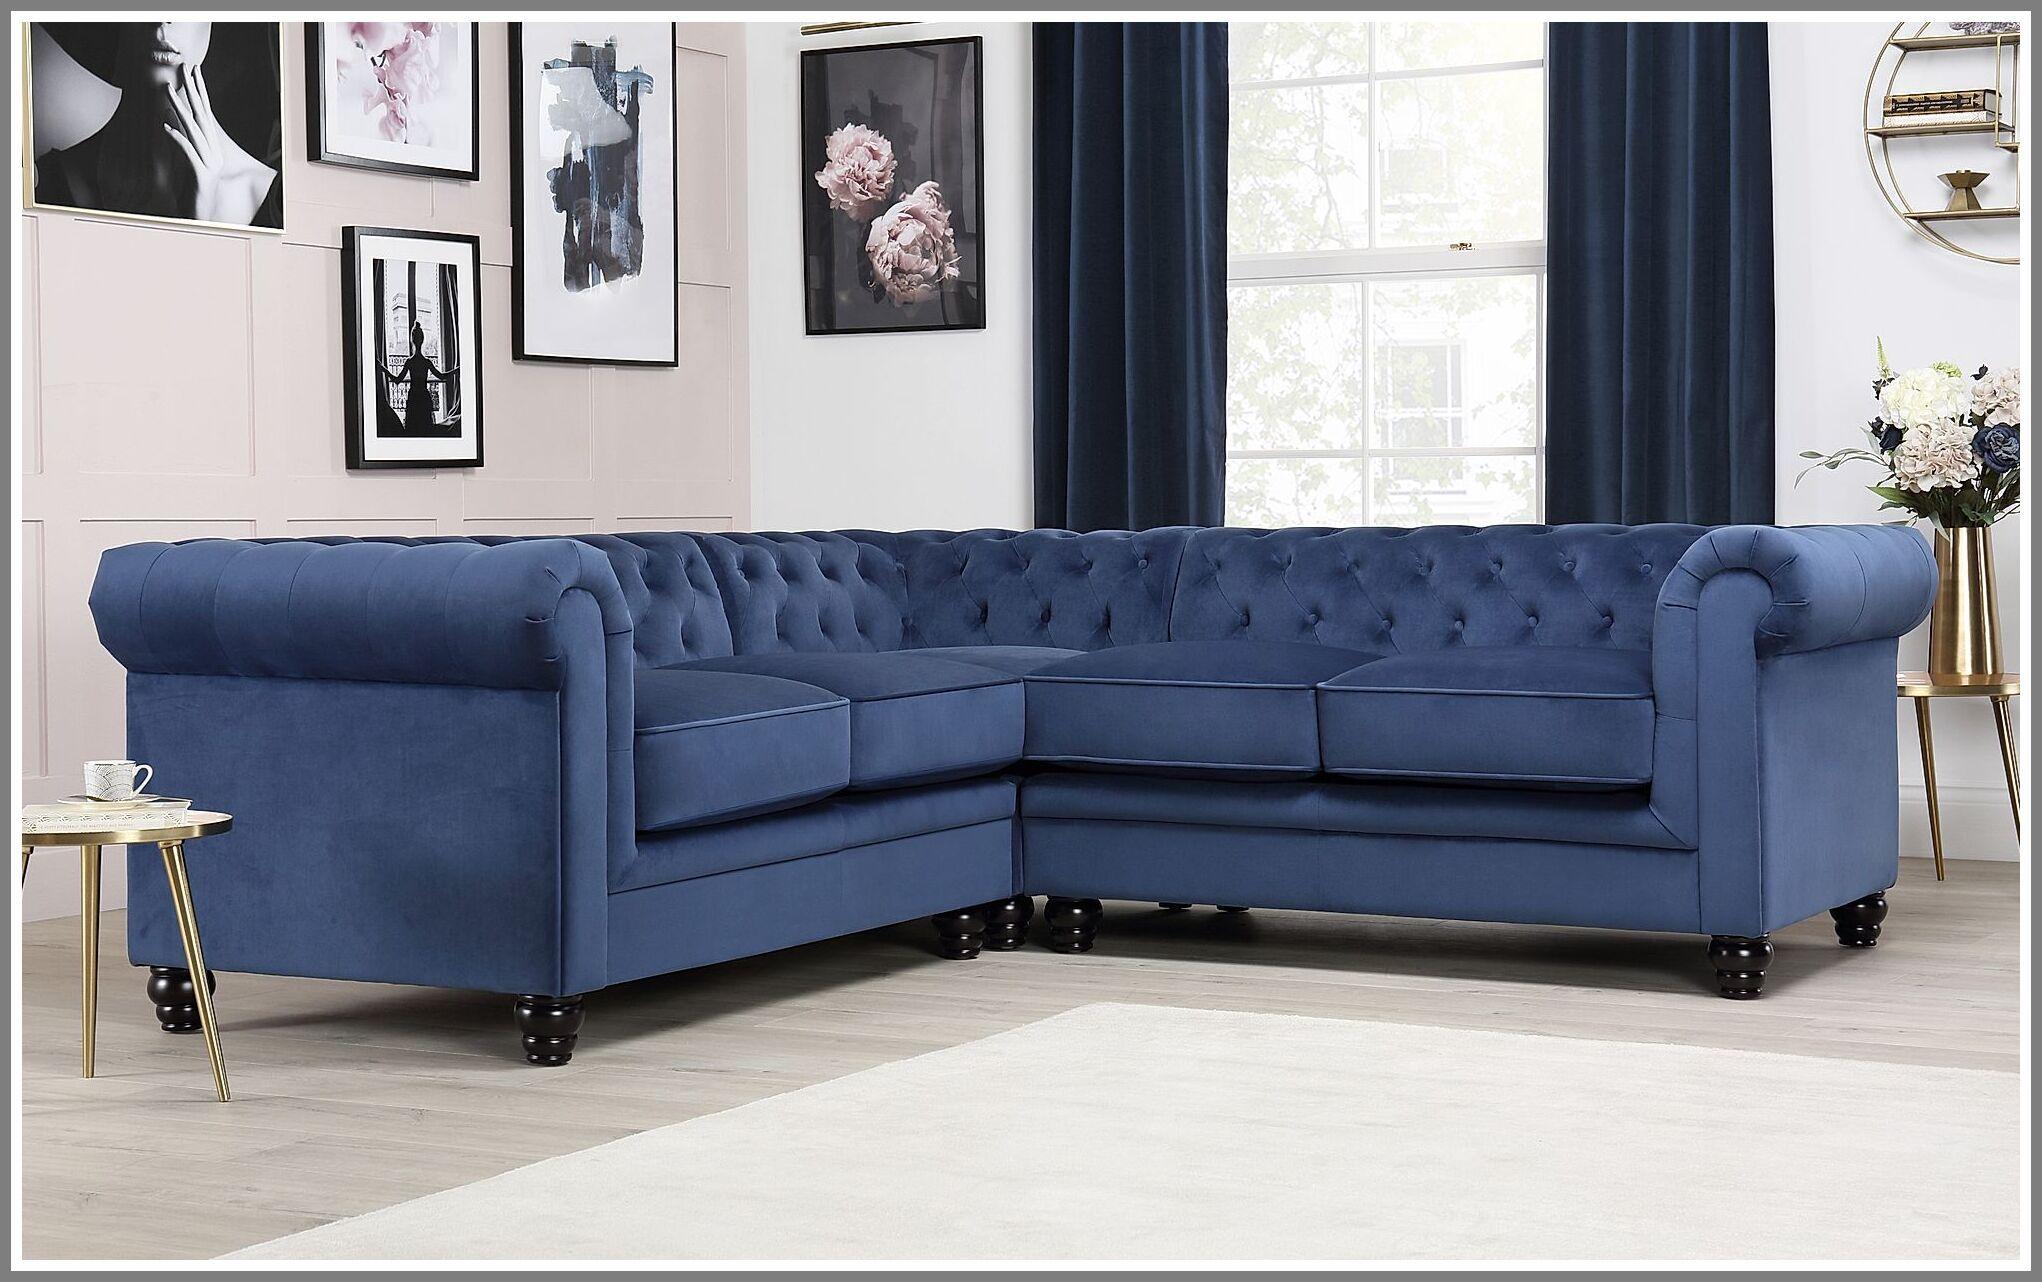 35 Reference Of Corner Sofa Velvet Chesterfield In 2020 Chesterfield Corner Sofa Corner Sofa Corner Couch